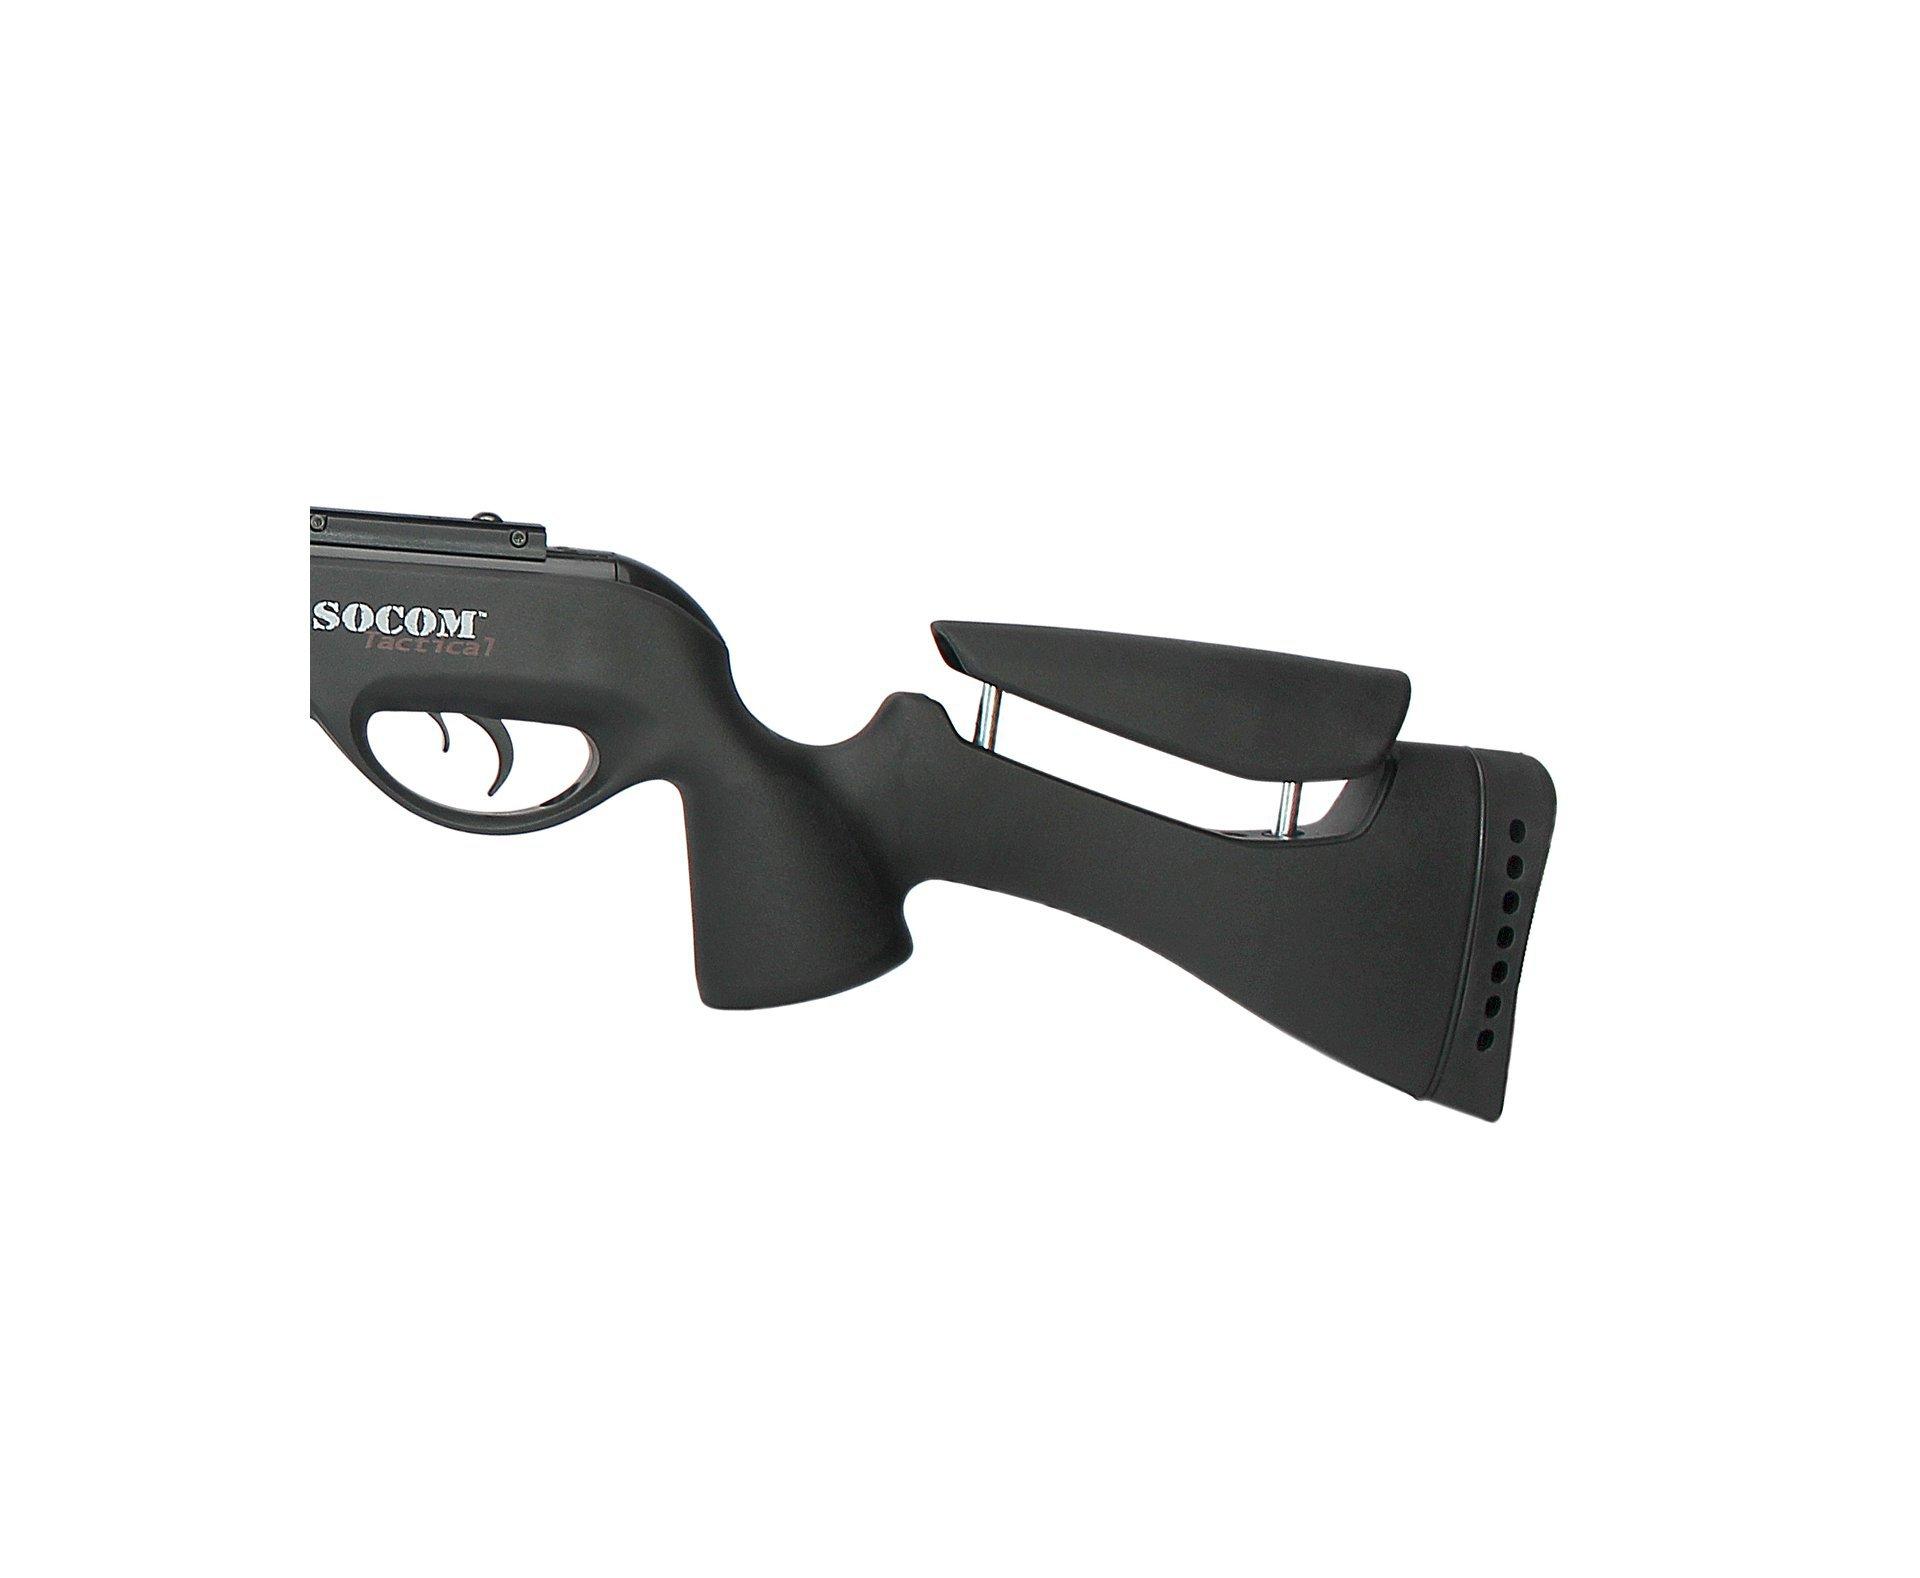 Carabina De Pressão Gamo Socom 1000 Tactical - Calibre 5,5 Mm